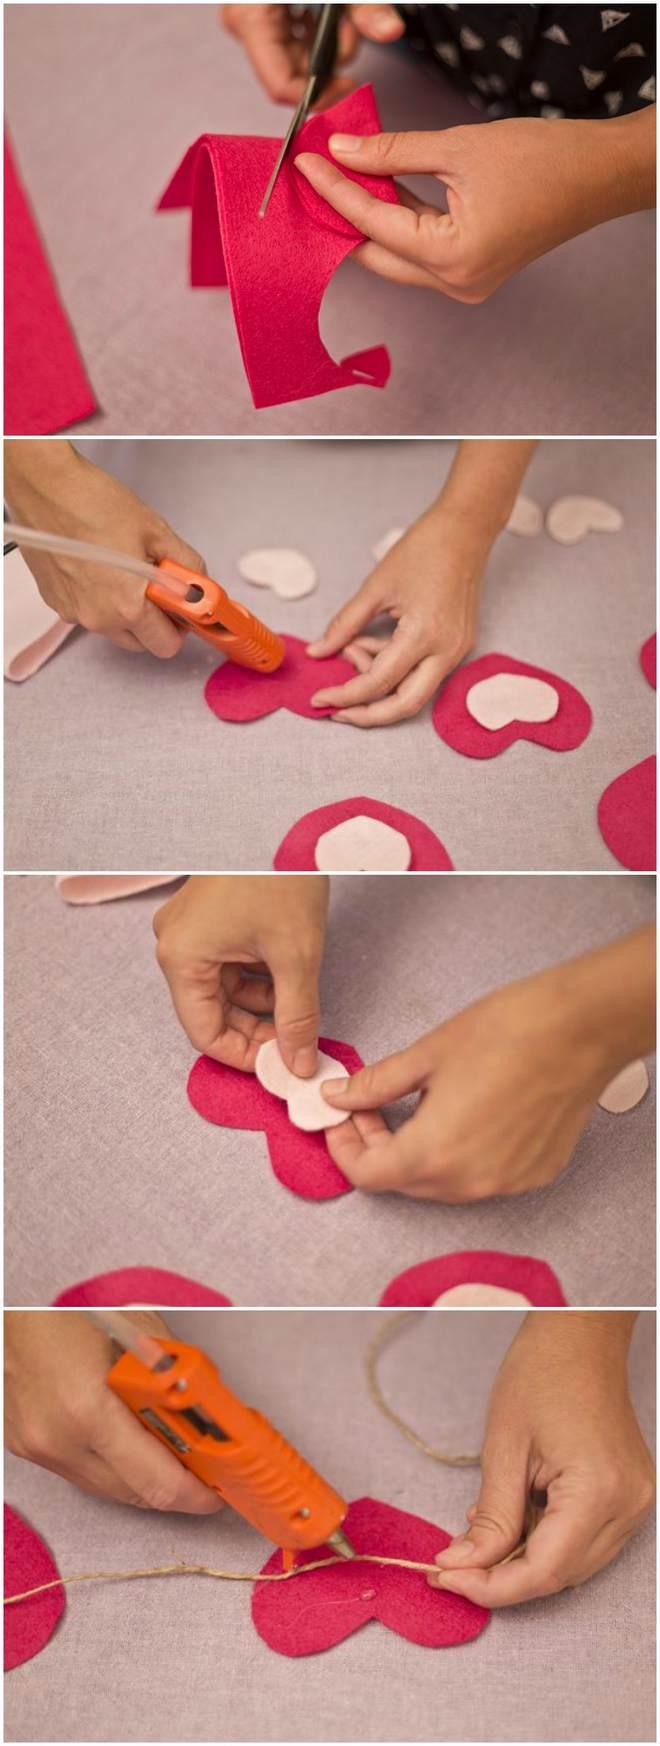 diy-valentines-crafts-garland-banner-heart-felt-fabric